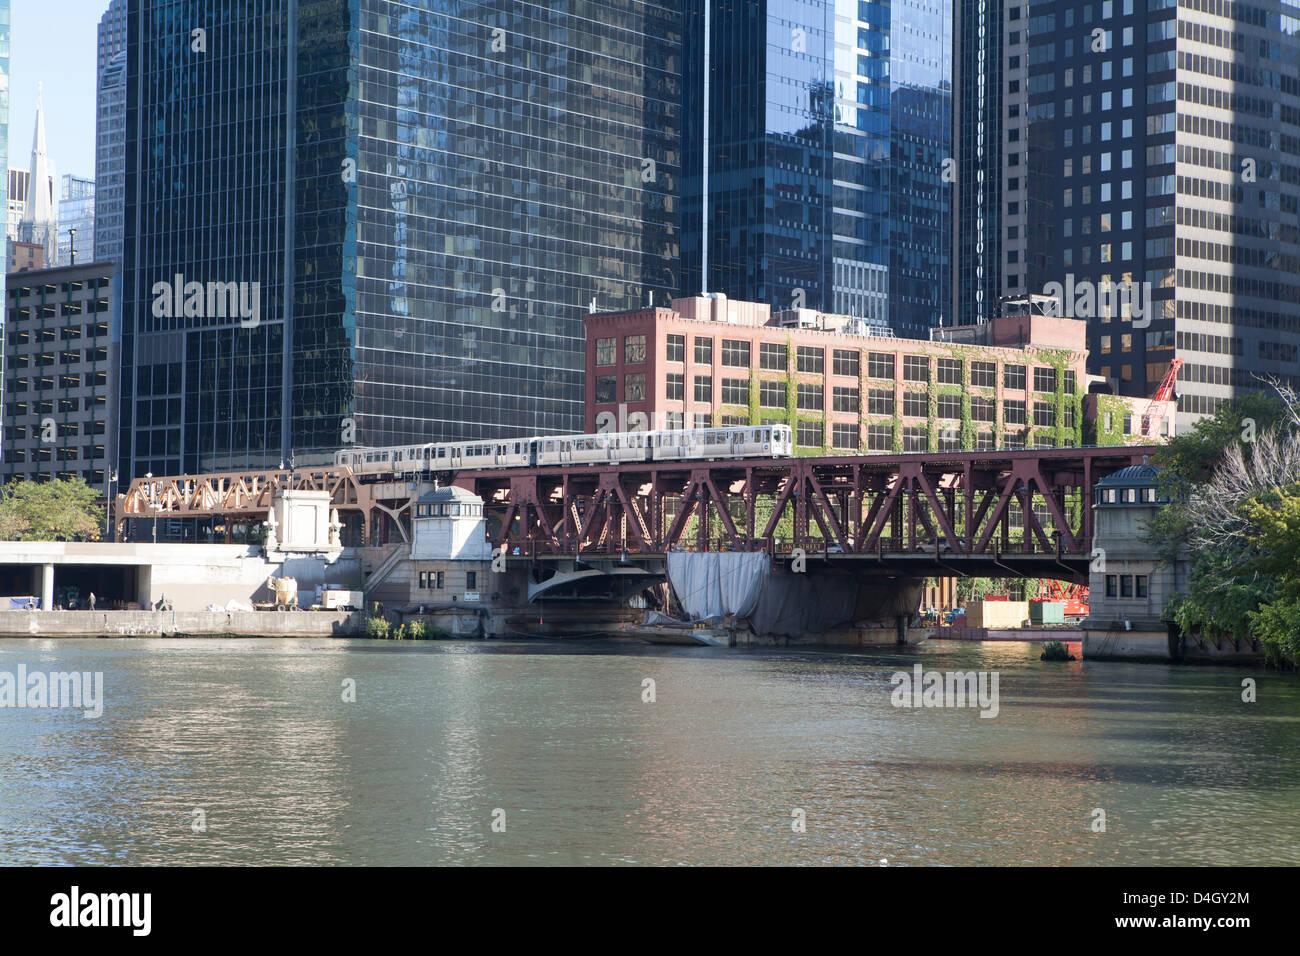 El train traversant le pont de la rue du lac sur la rivière Chicago, la boucle, Chicago, Illinois, États Photo Stock